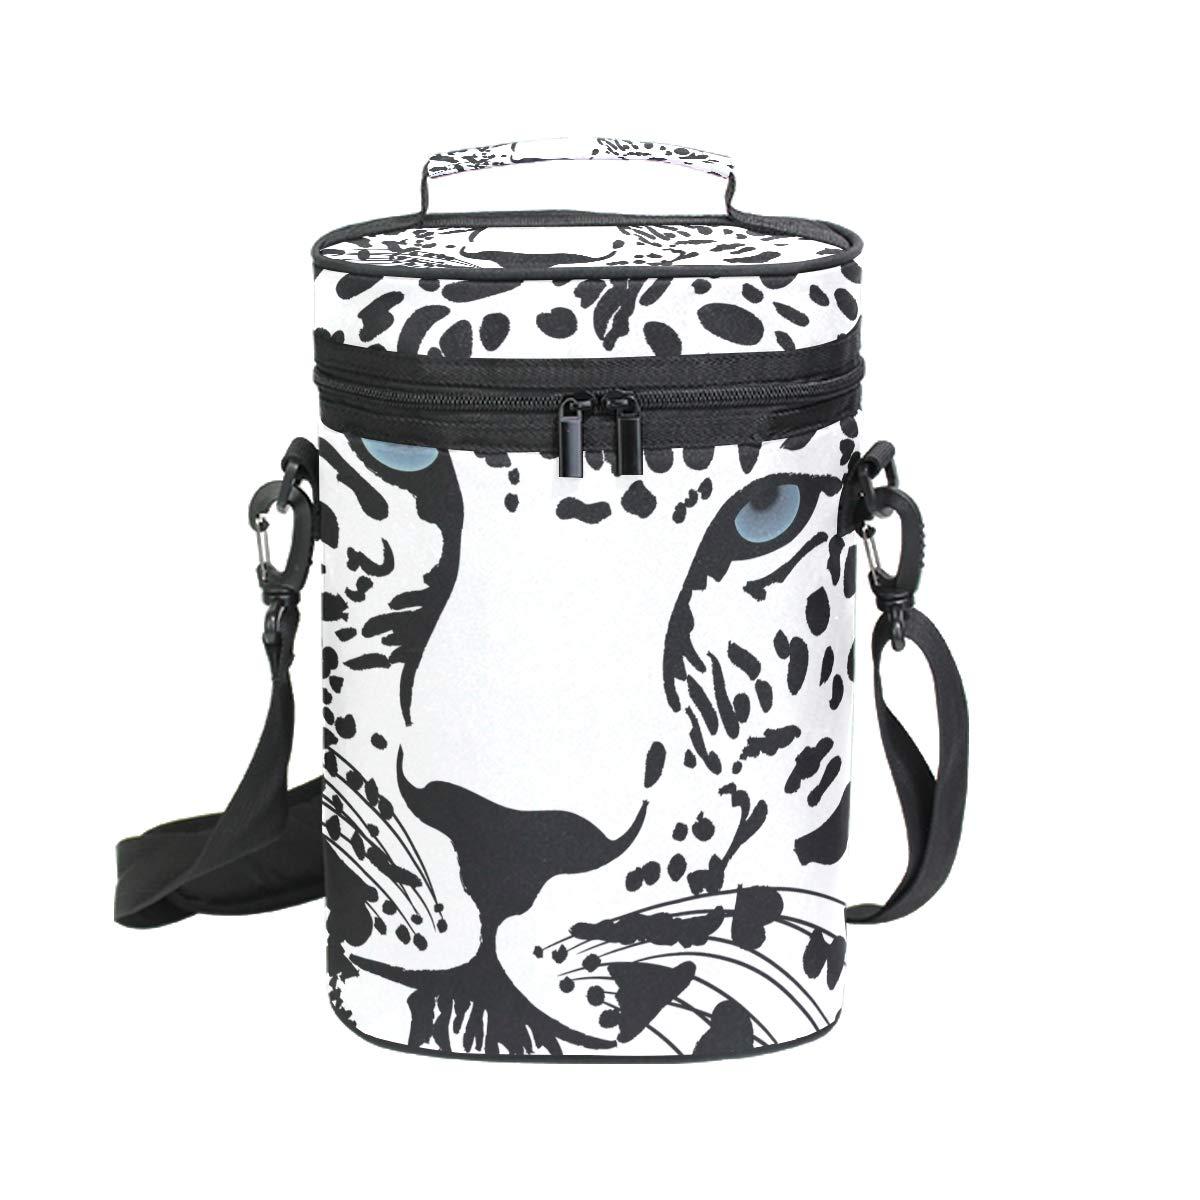 COOSUN Bolsa de vino aislada con diseño de tigre blanco y negro - Bolsa de viaje con asa y correa ajustable para el hombro